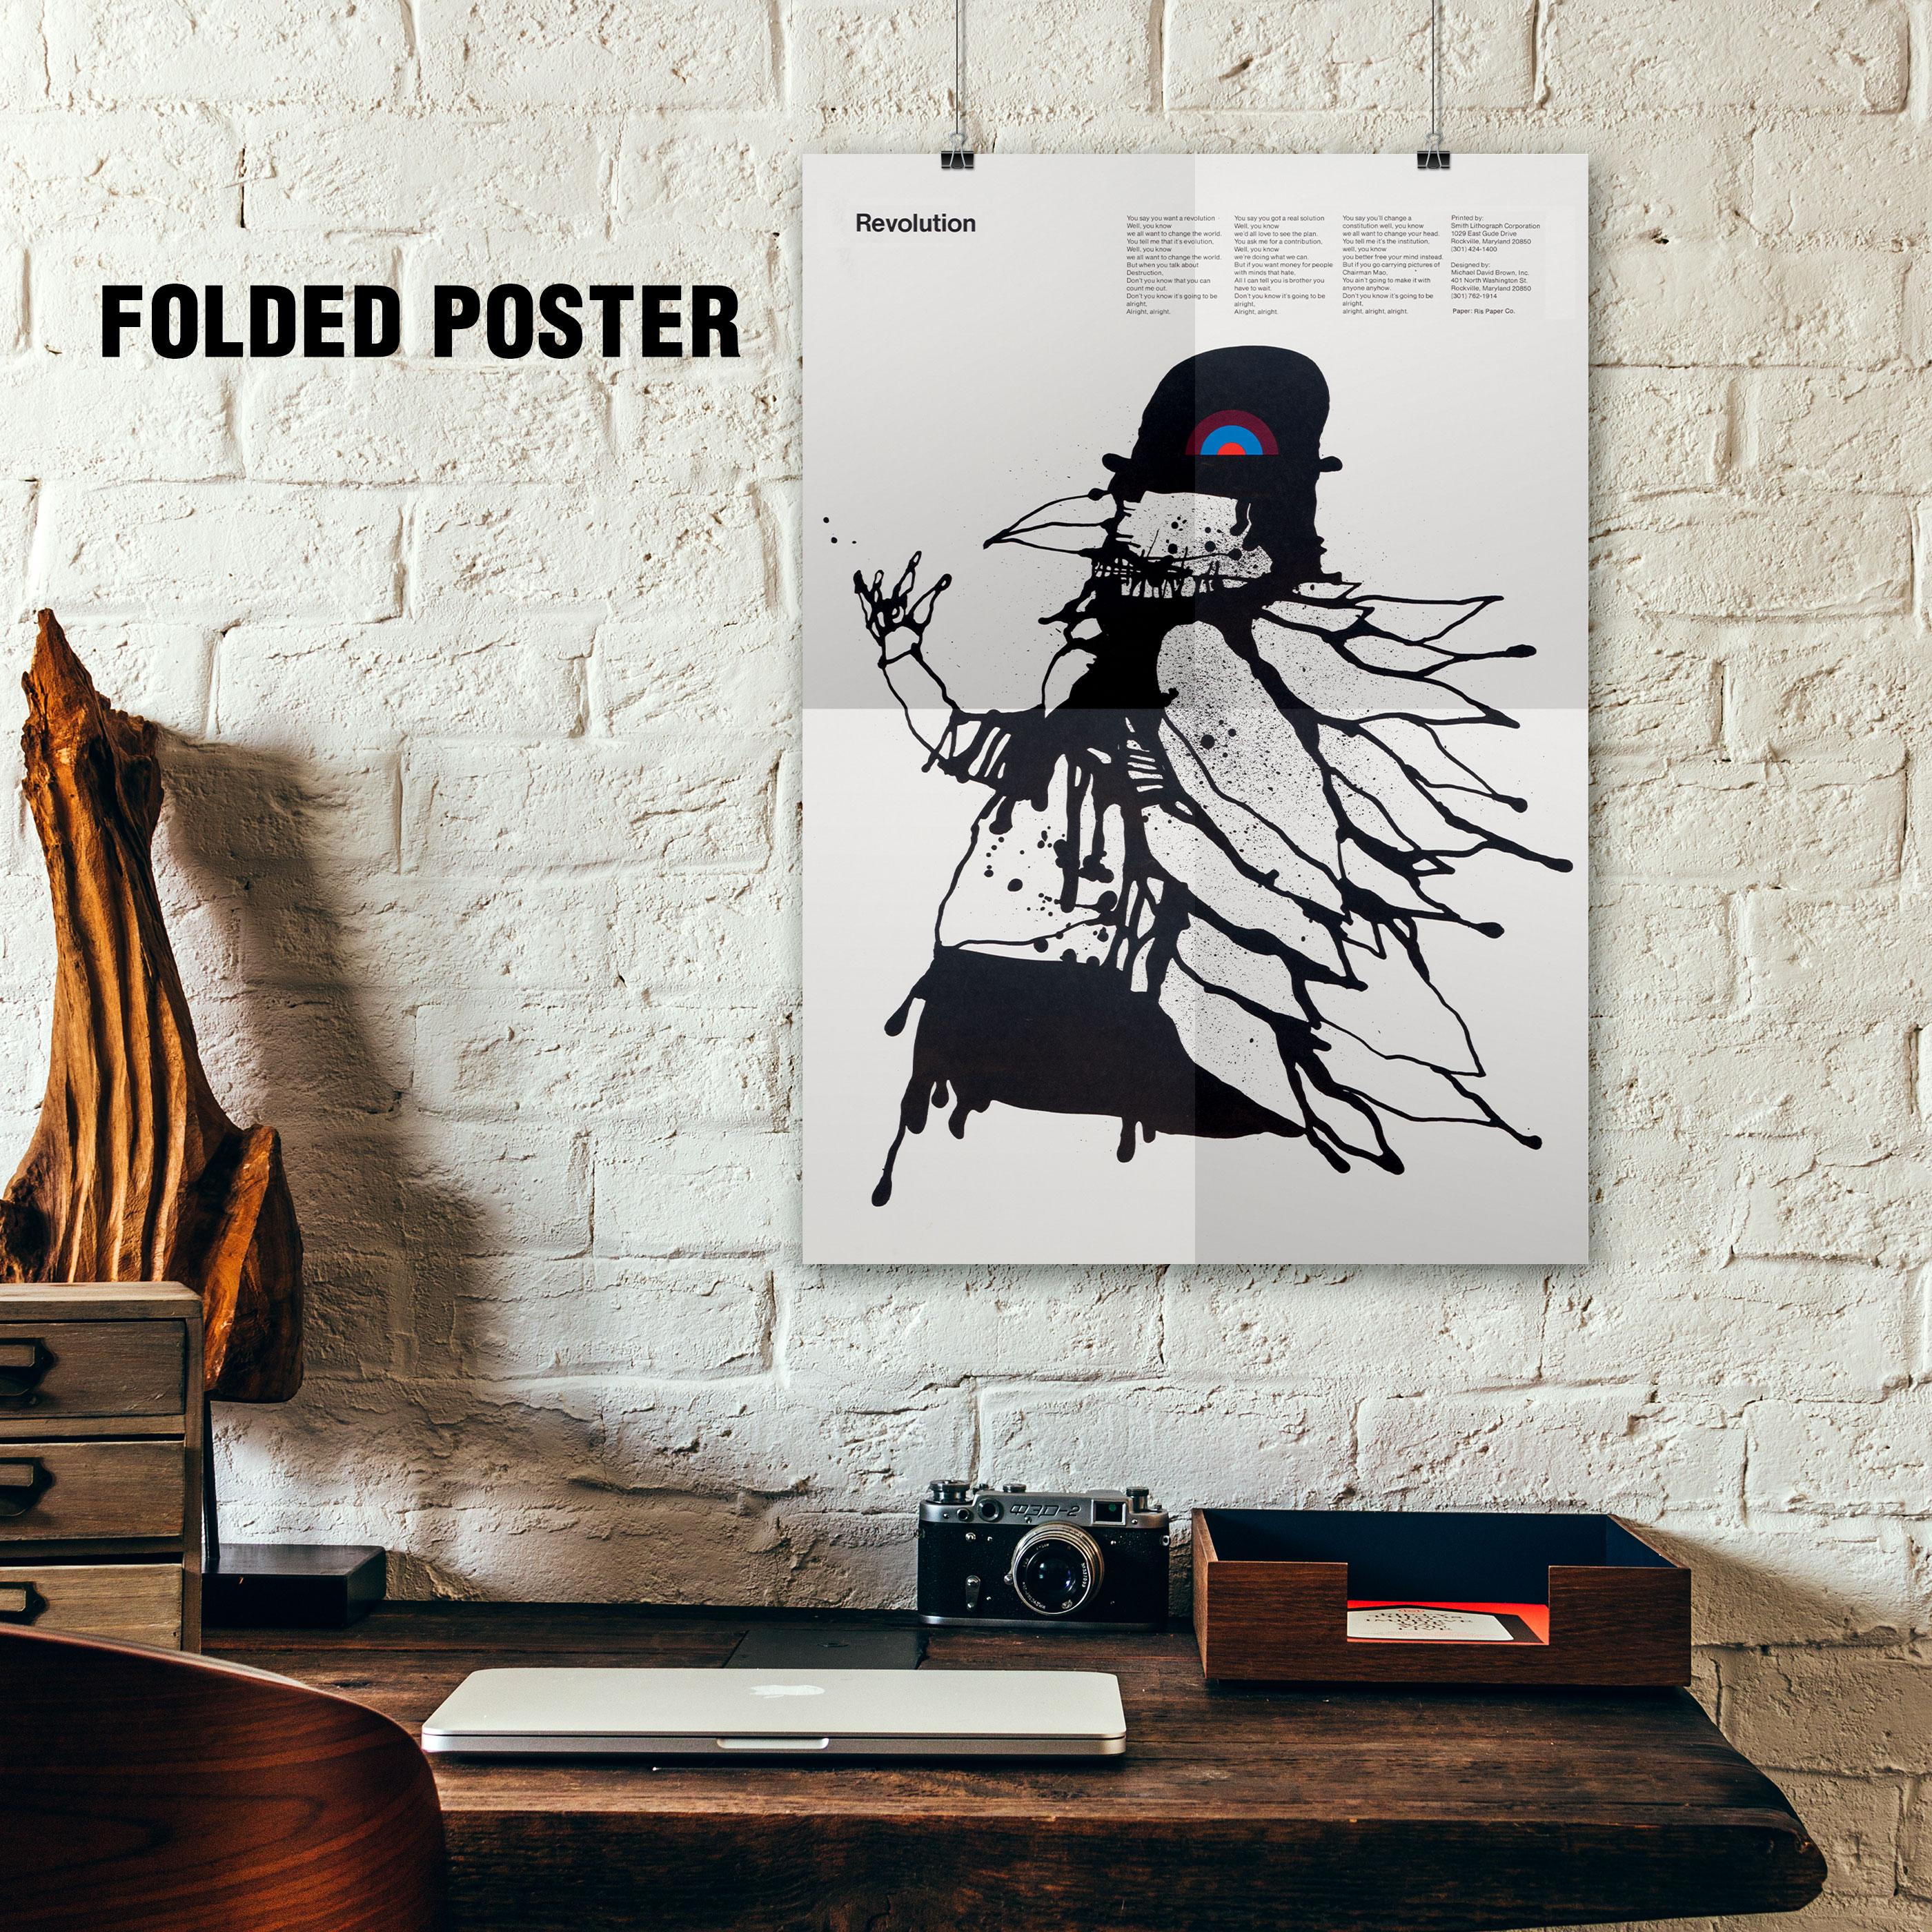 foldedposter